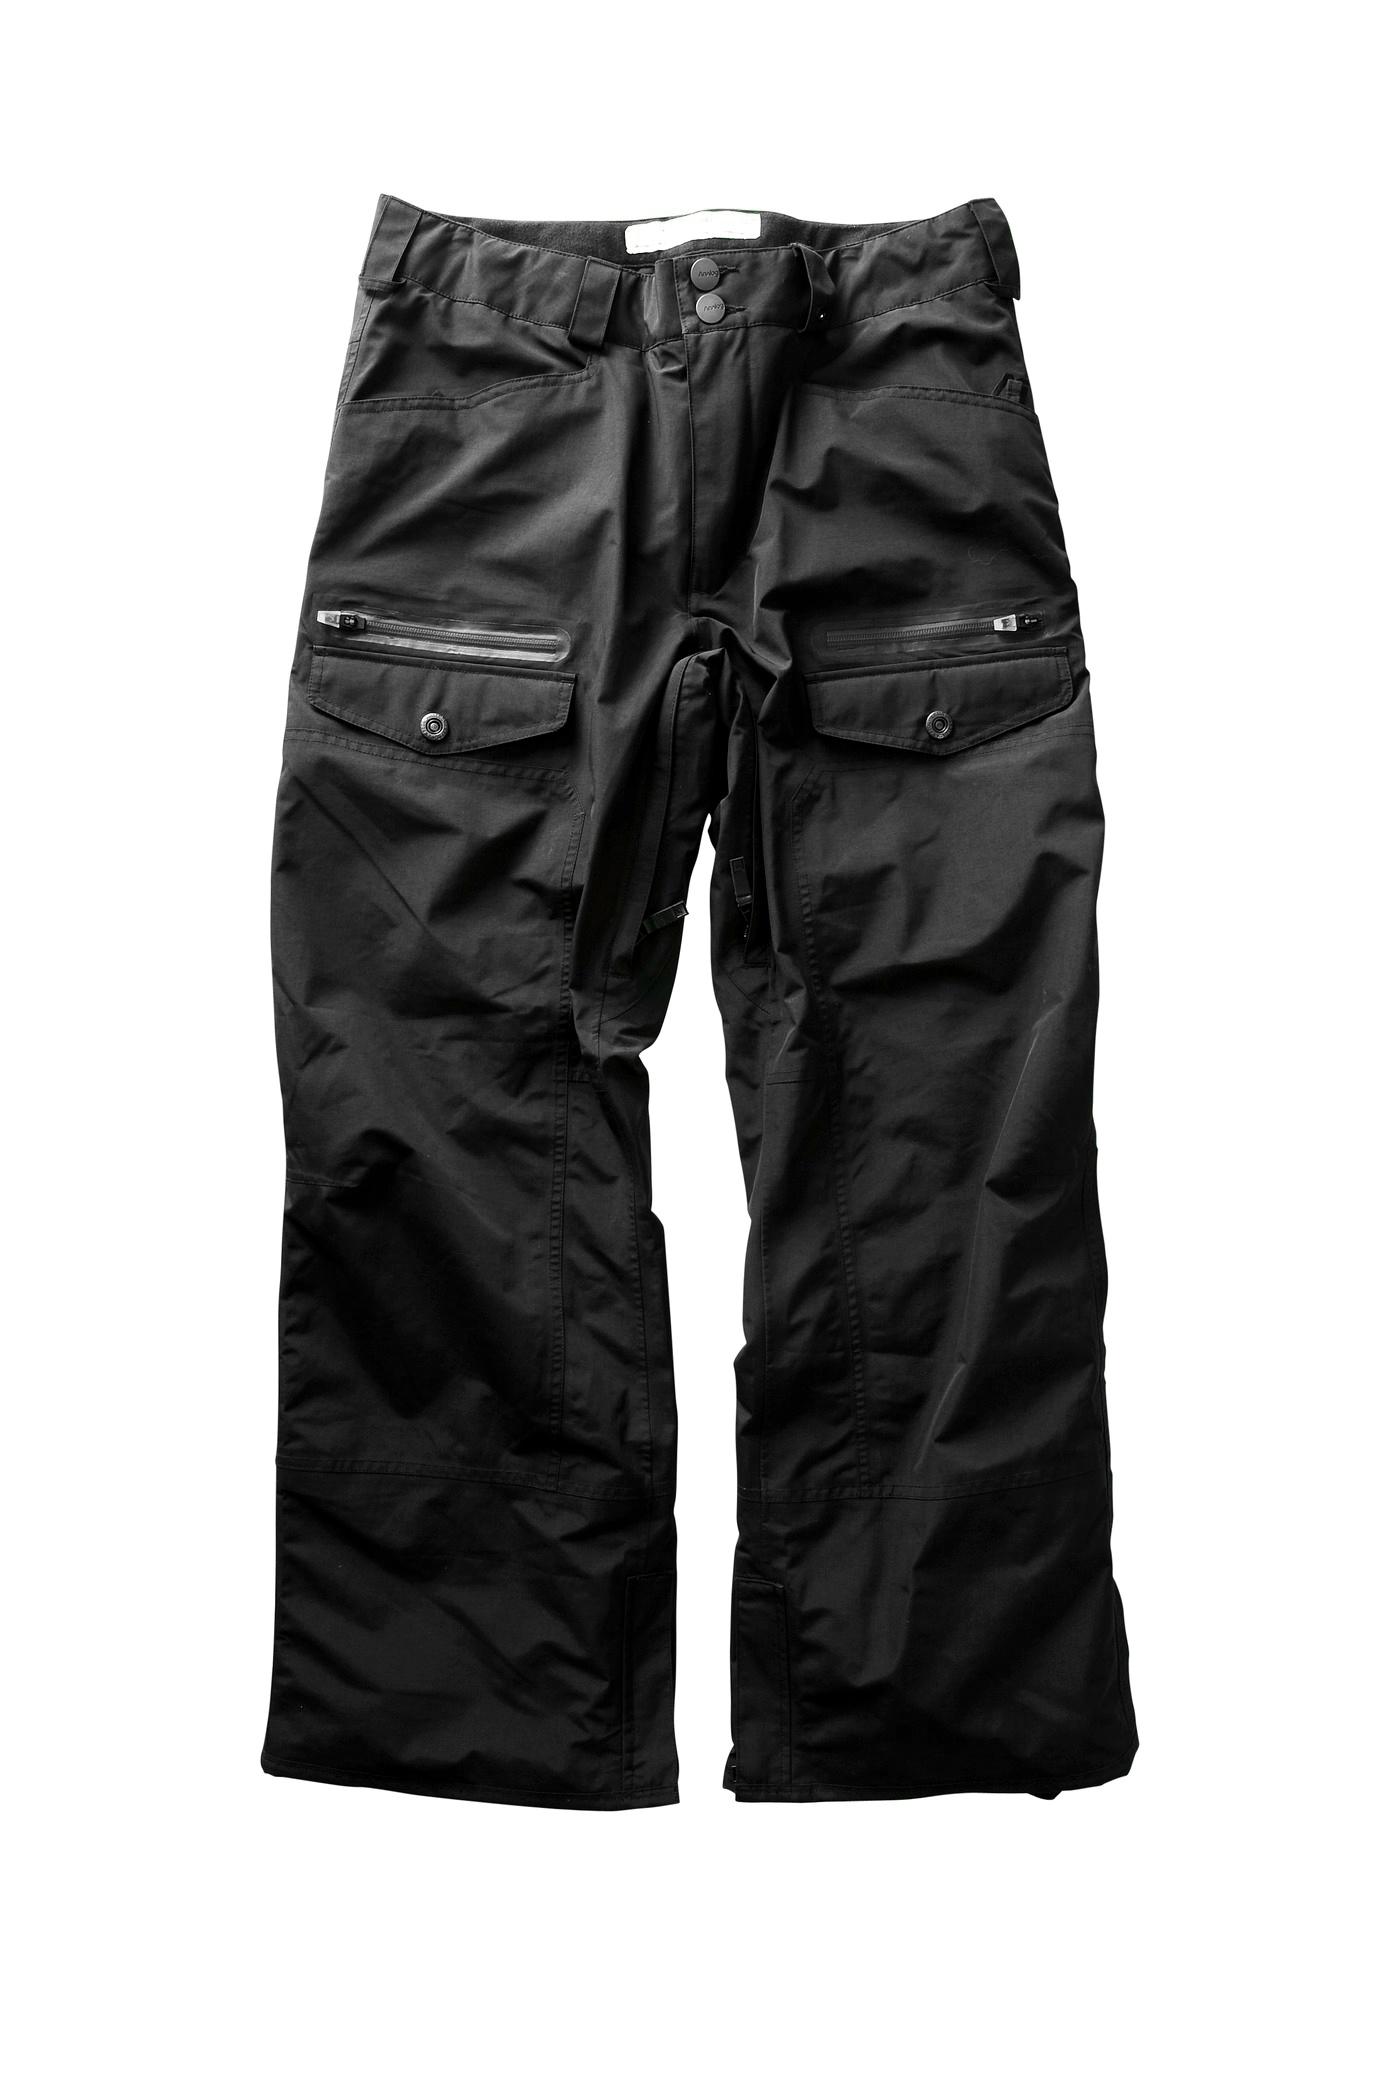 Spodnie Snowboardowe Analog Deploy (True Black)